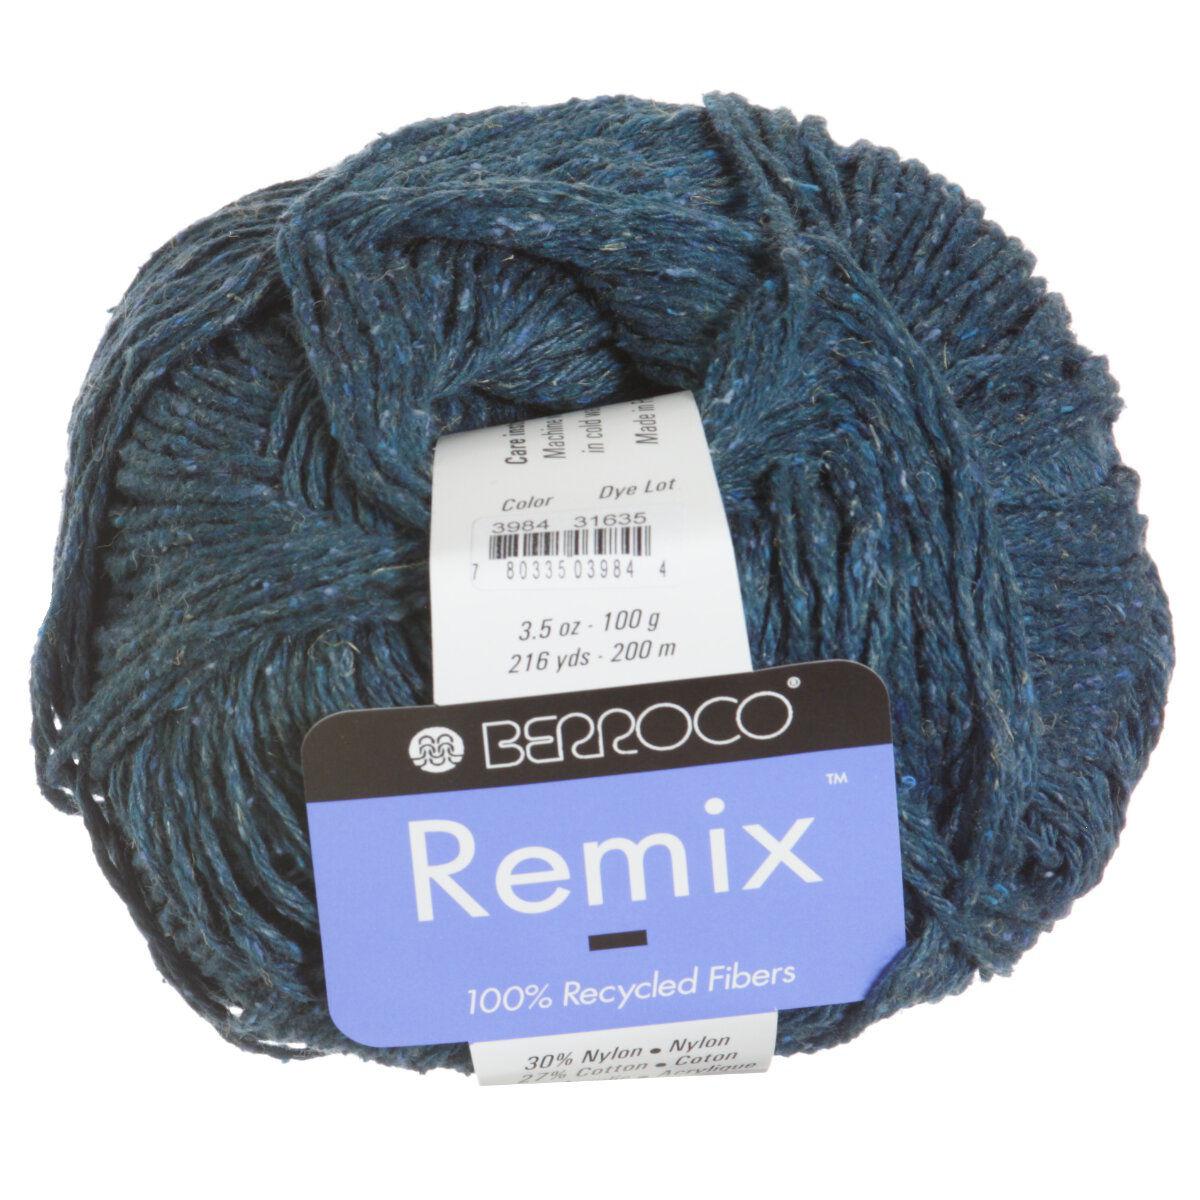 e016ddb5f Berroco Remix Yarn - 3984 Ocean Project Ideas at Jimmy Beans Wool